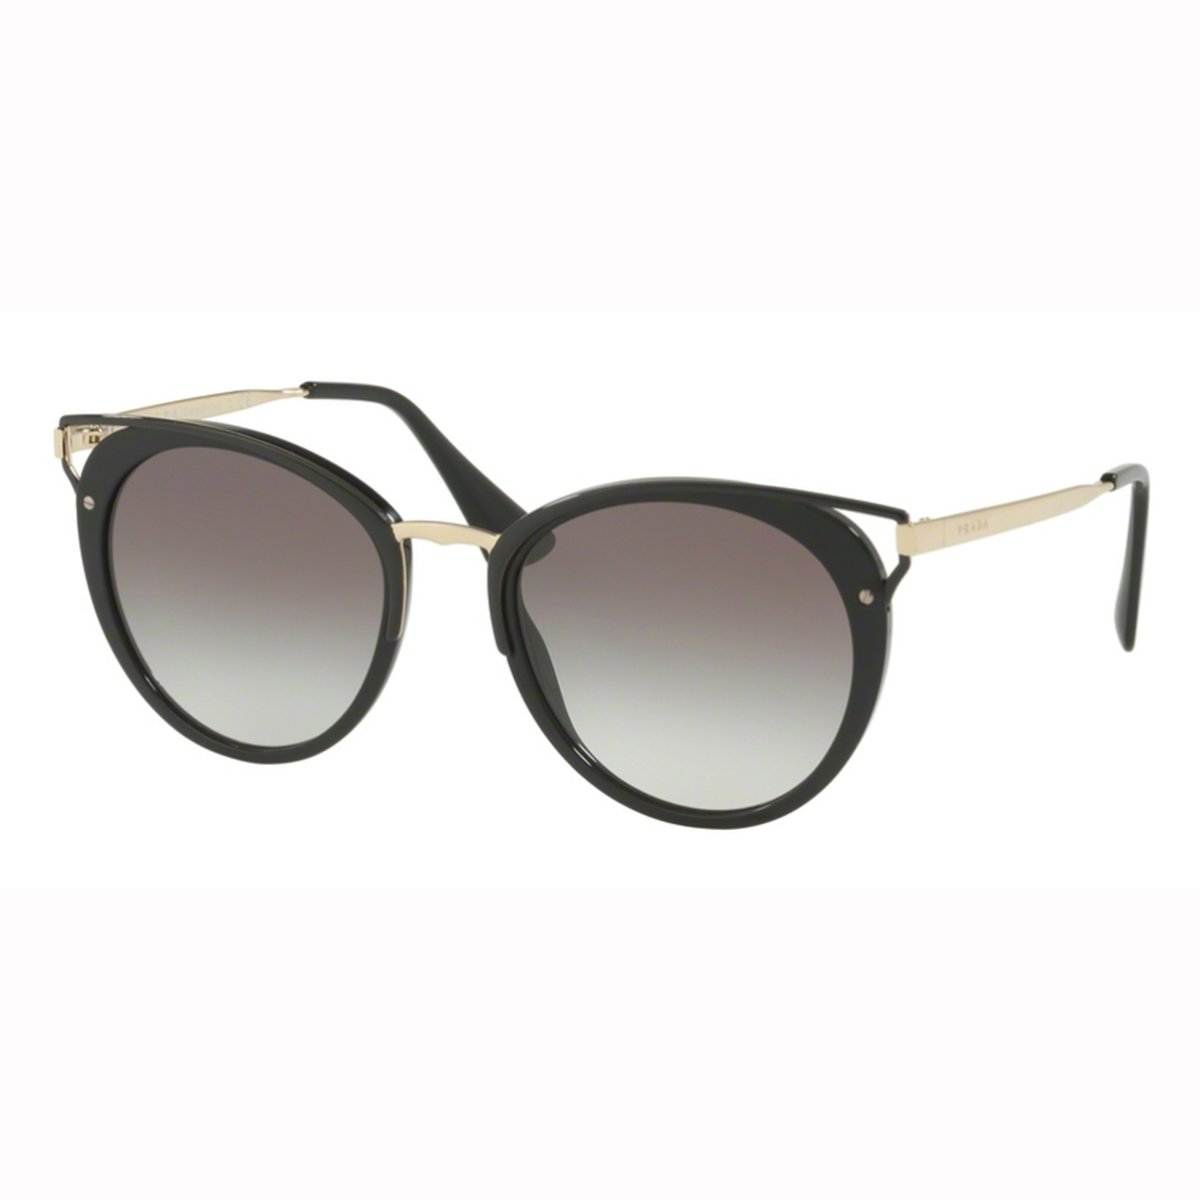 Compre Óculos de Sol Prada em 10X   Tri-Jóia Shop 608148d9c7